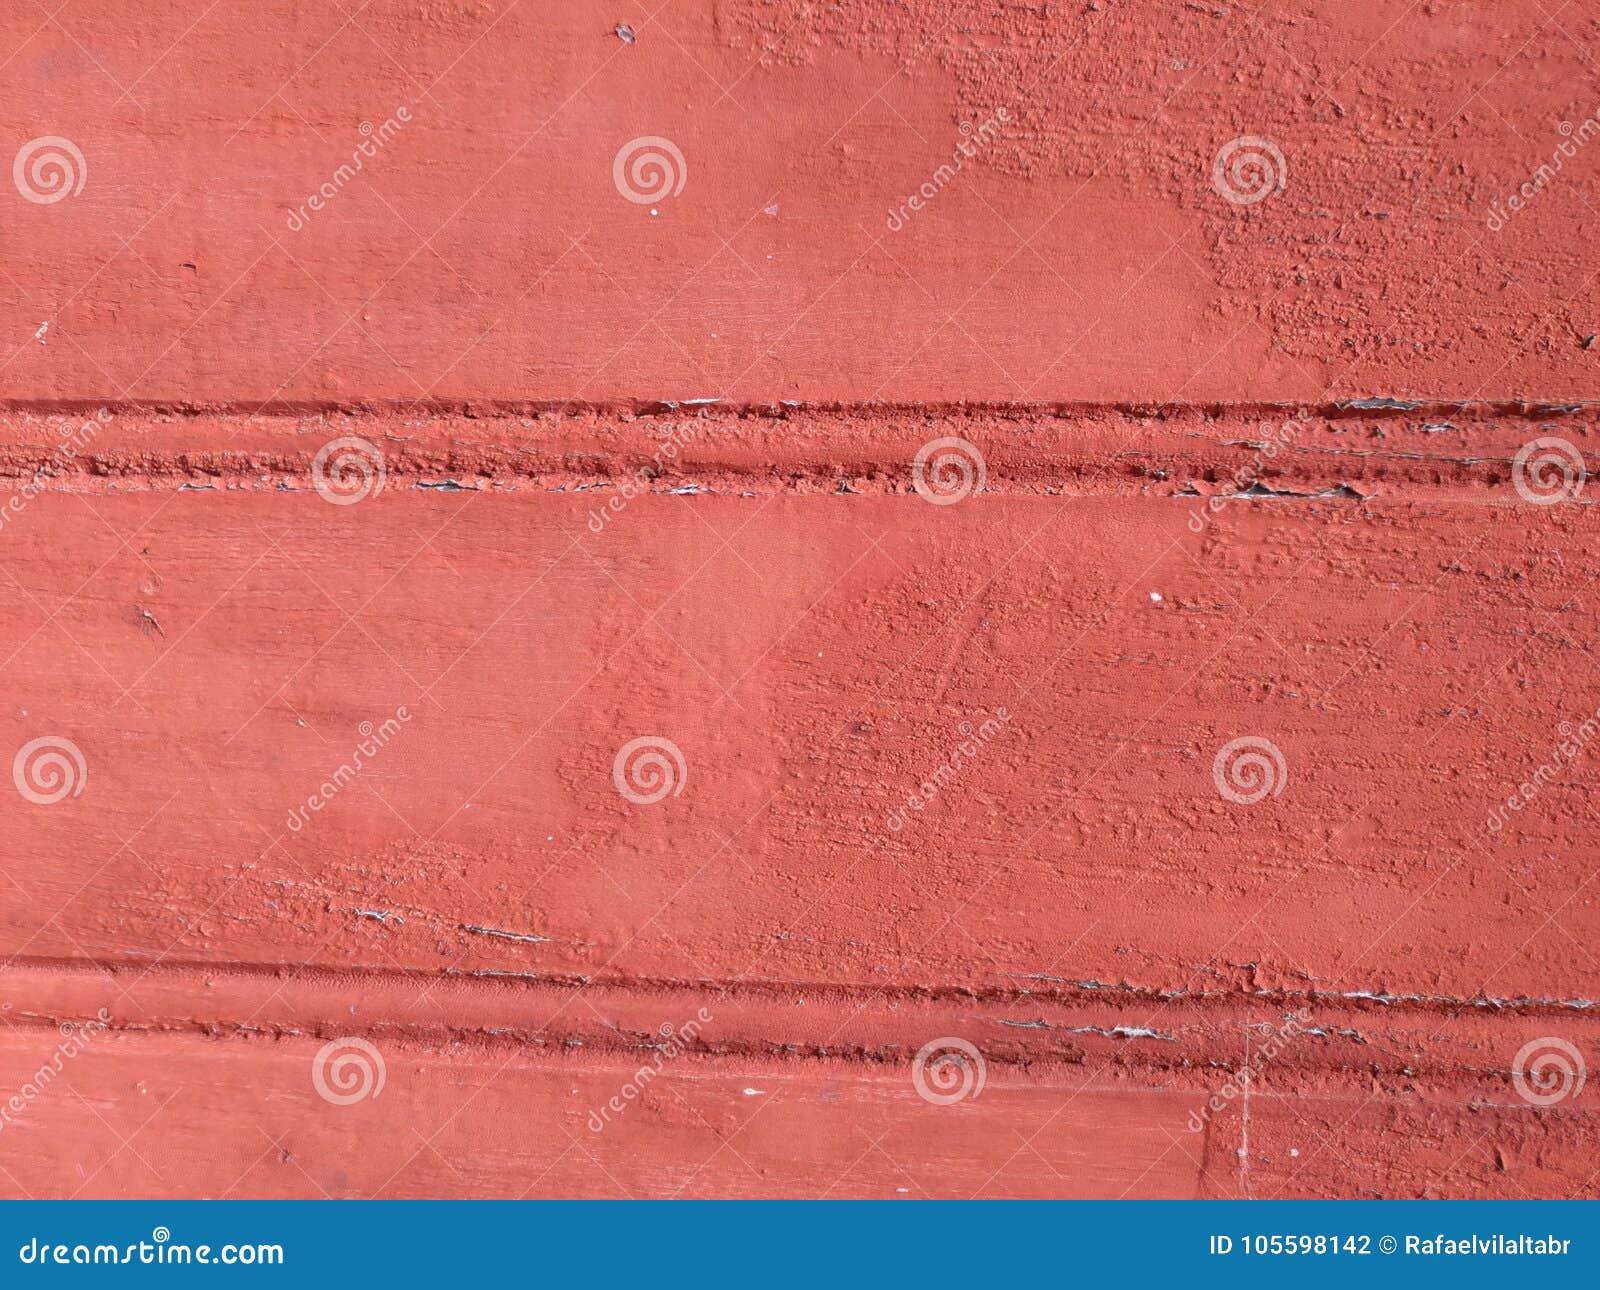 Hintergrund Glatte Holzerne Beschaffenheit Baumstamm Brauntone